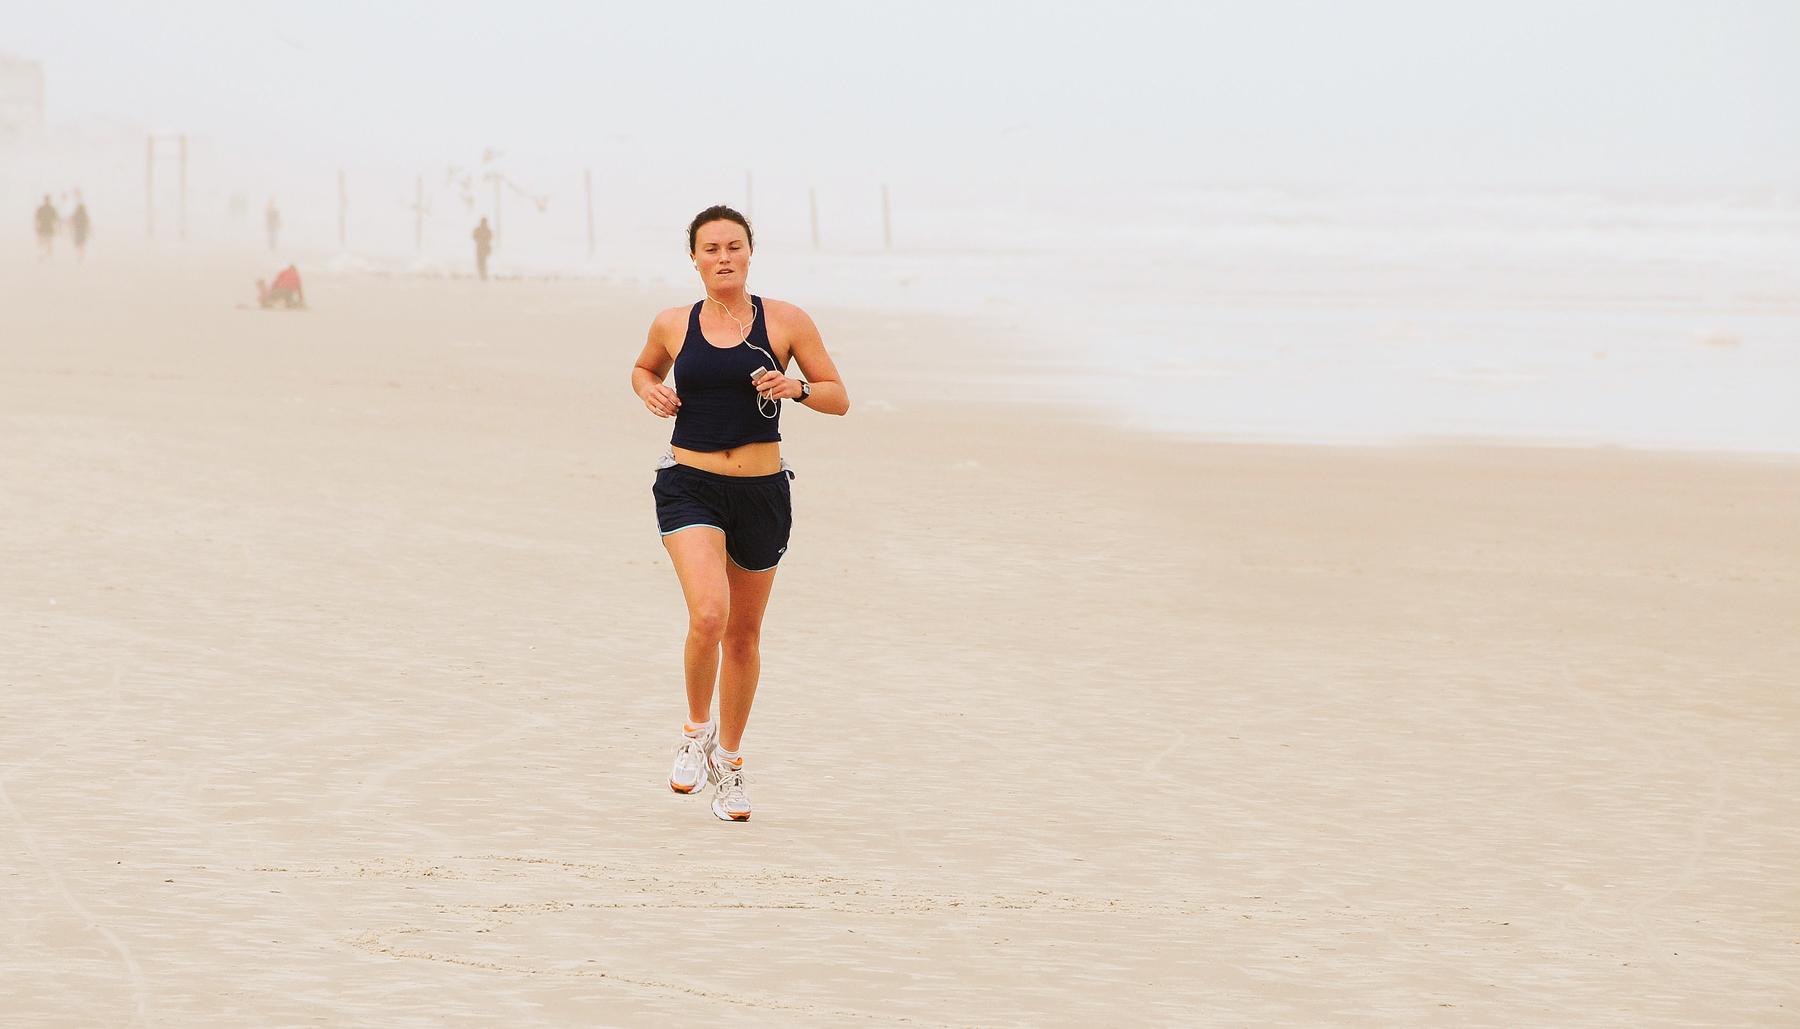 The beachrunner